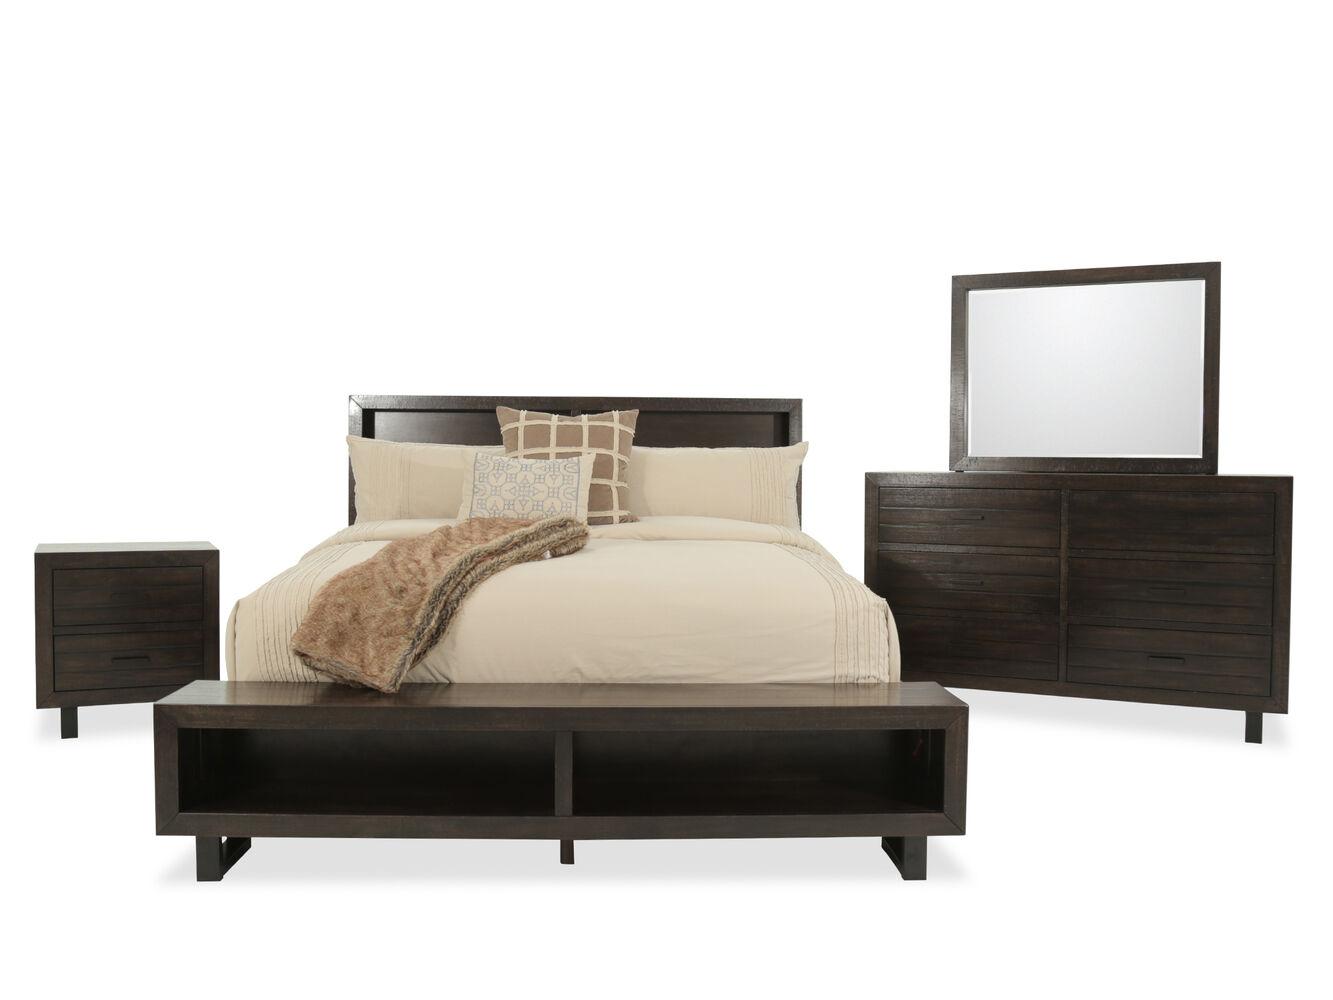 Four piece mid century modern storage bedroom set in dark - Mid century modern furniture bedroom sets ...